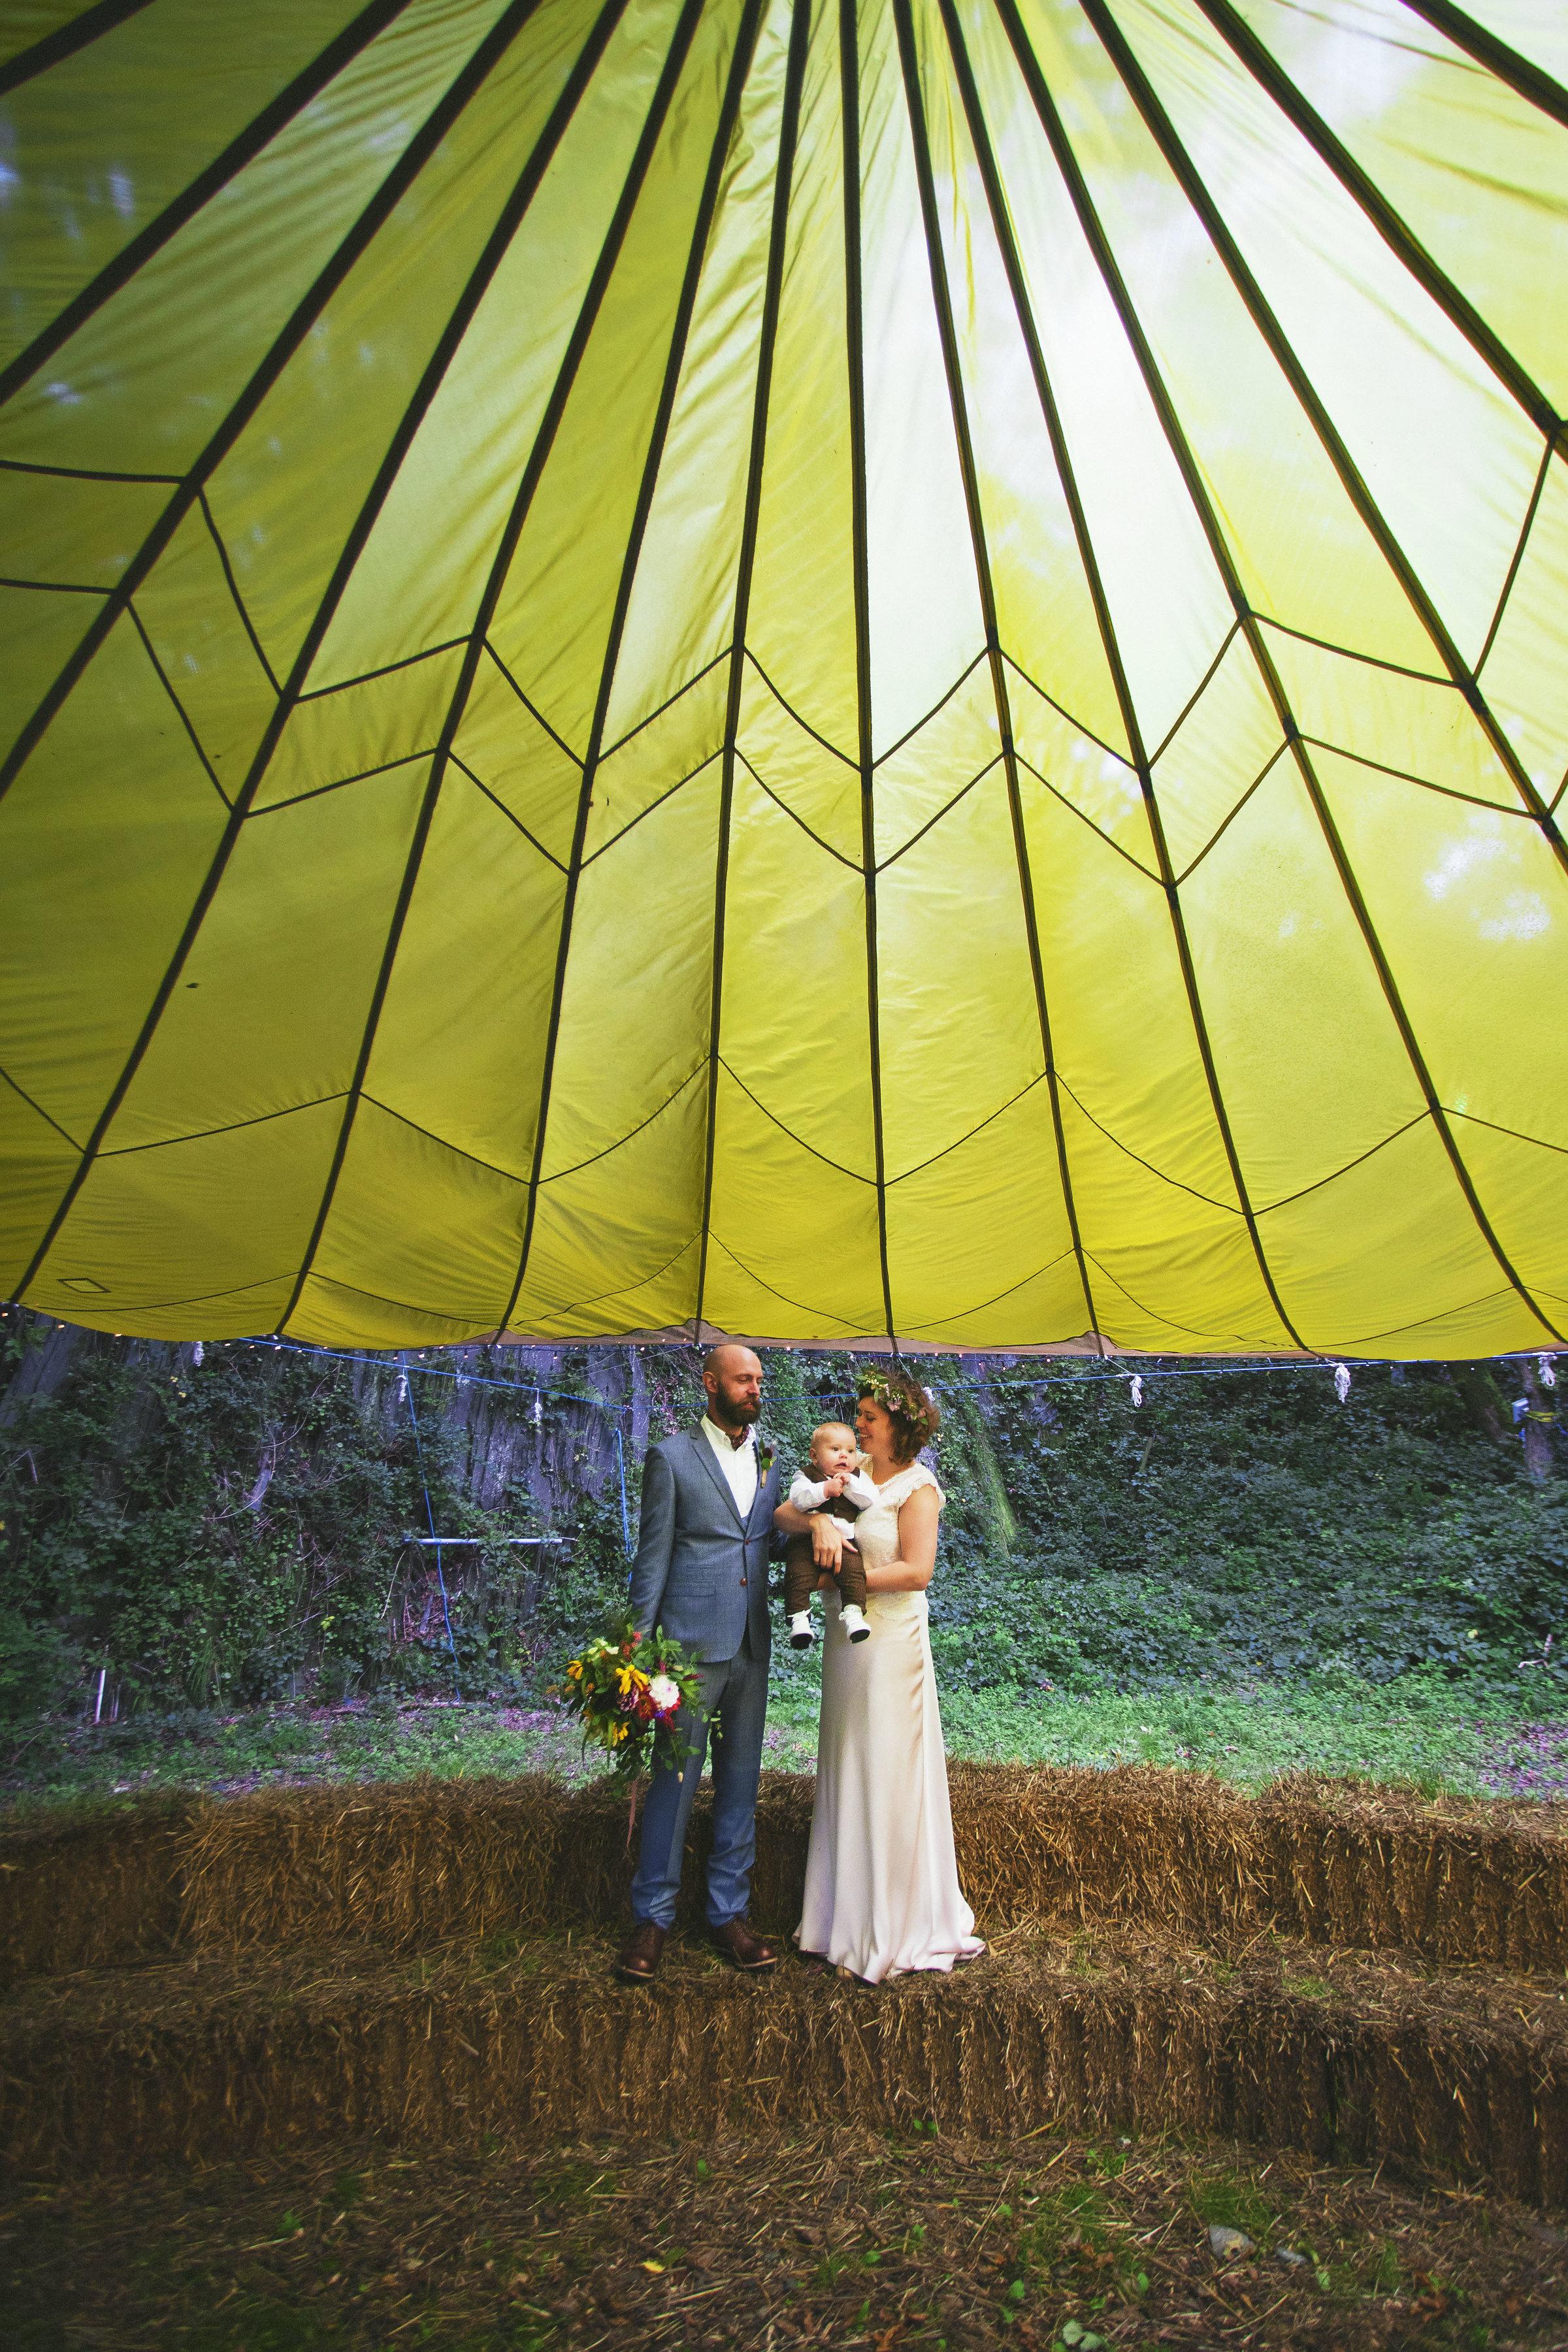 Kate & Will - fforest farm